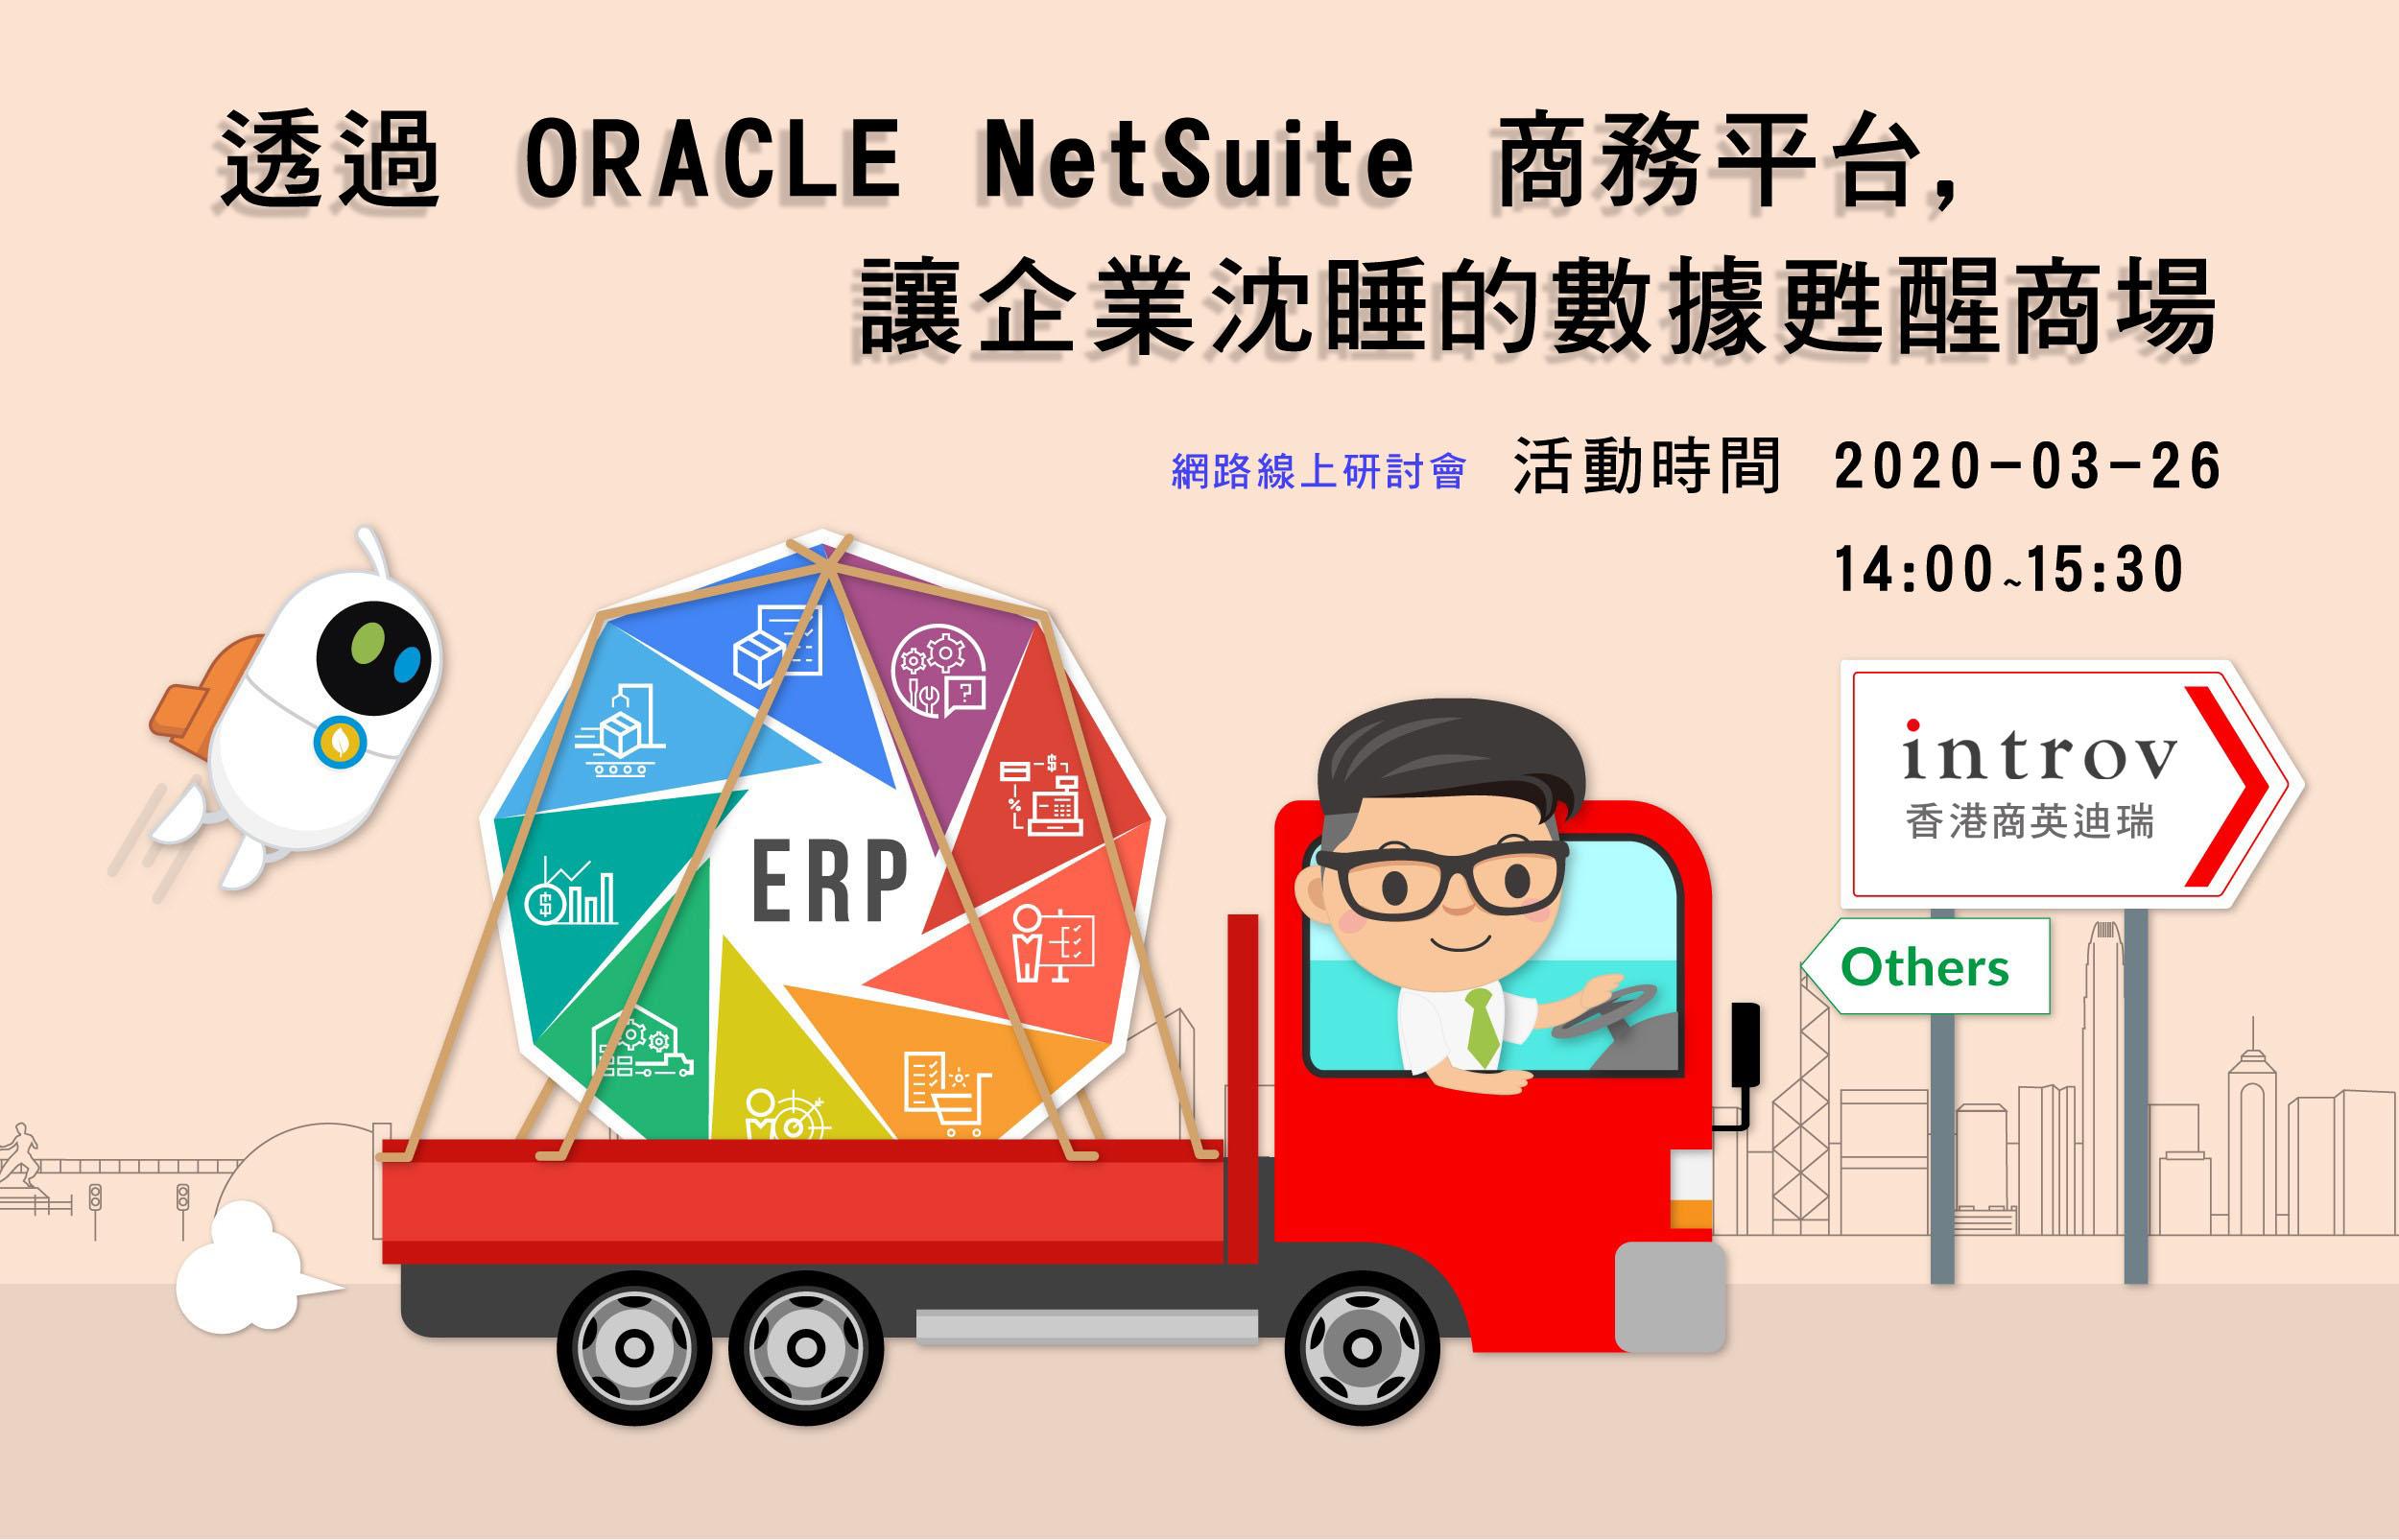 網路線上研討會 – 透過 ORACLE NetSuite 商務平台, 讓企業沉睡的數據甦醒商場 (2020年 3月26日)